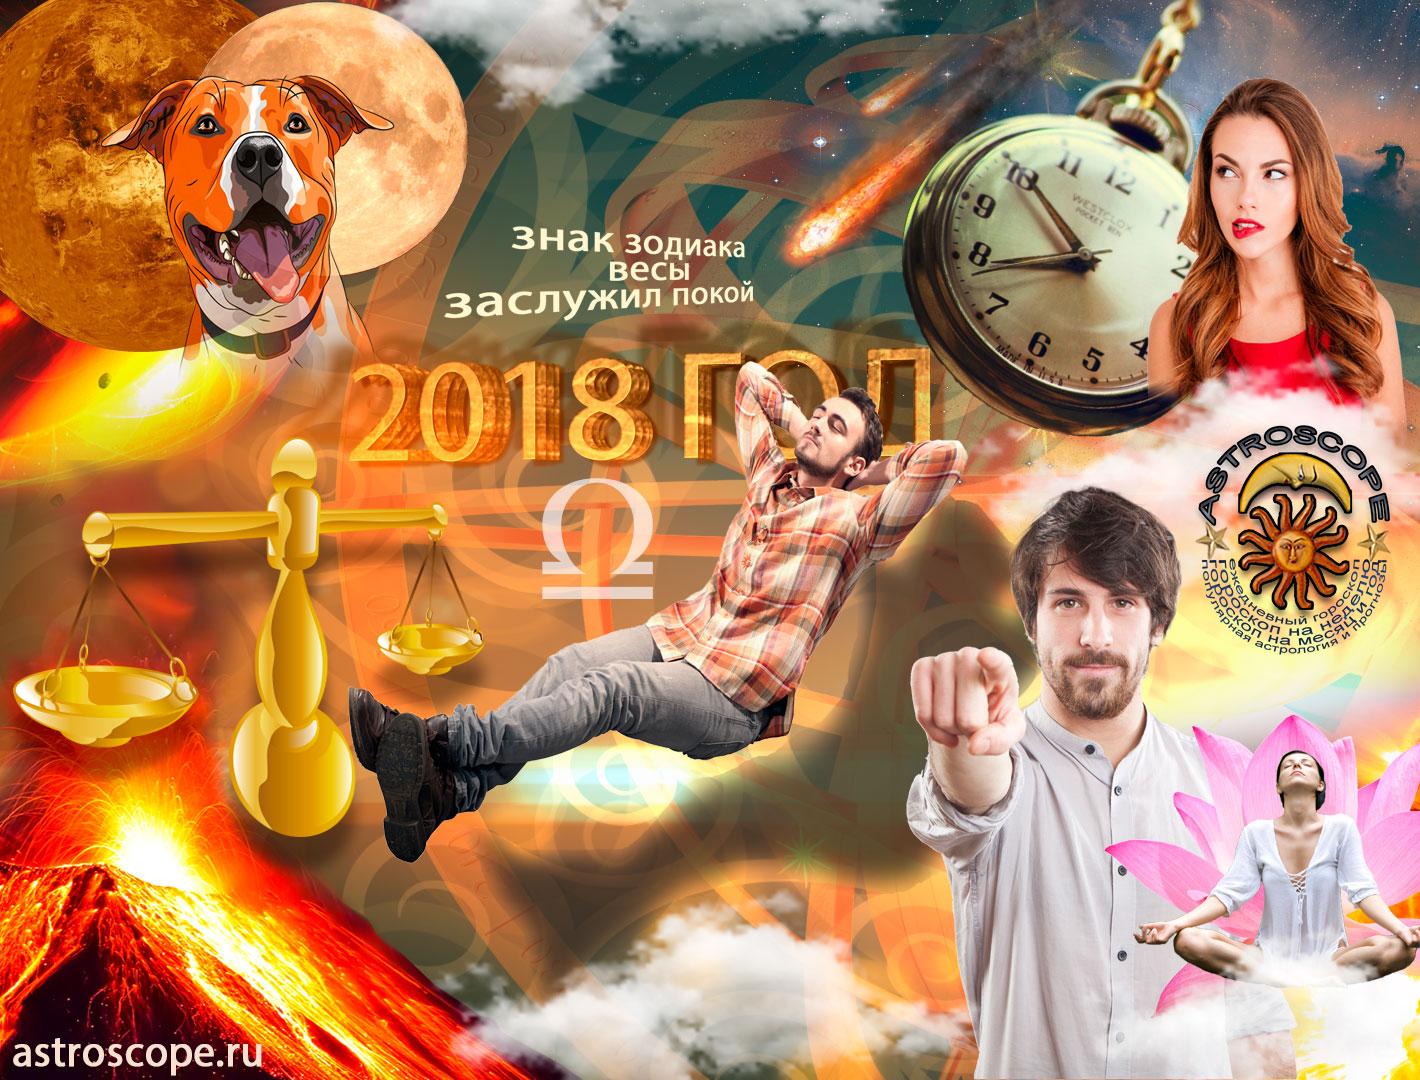 Общий астрологический прогноз на 2018 год Обезьяны по знакам Зодиака